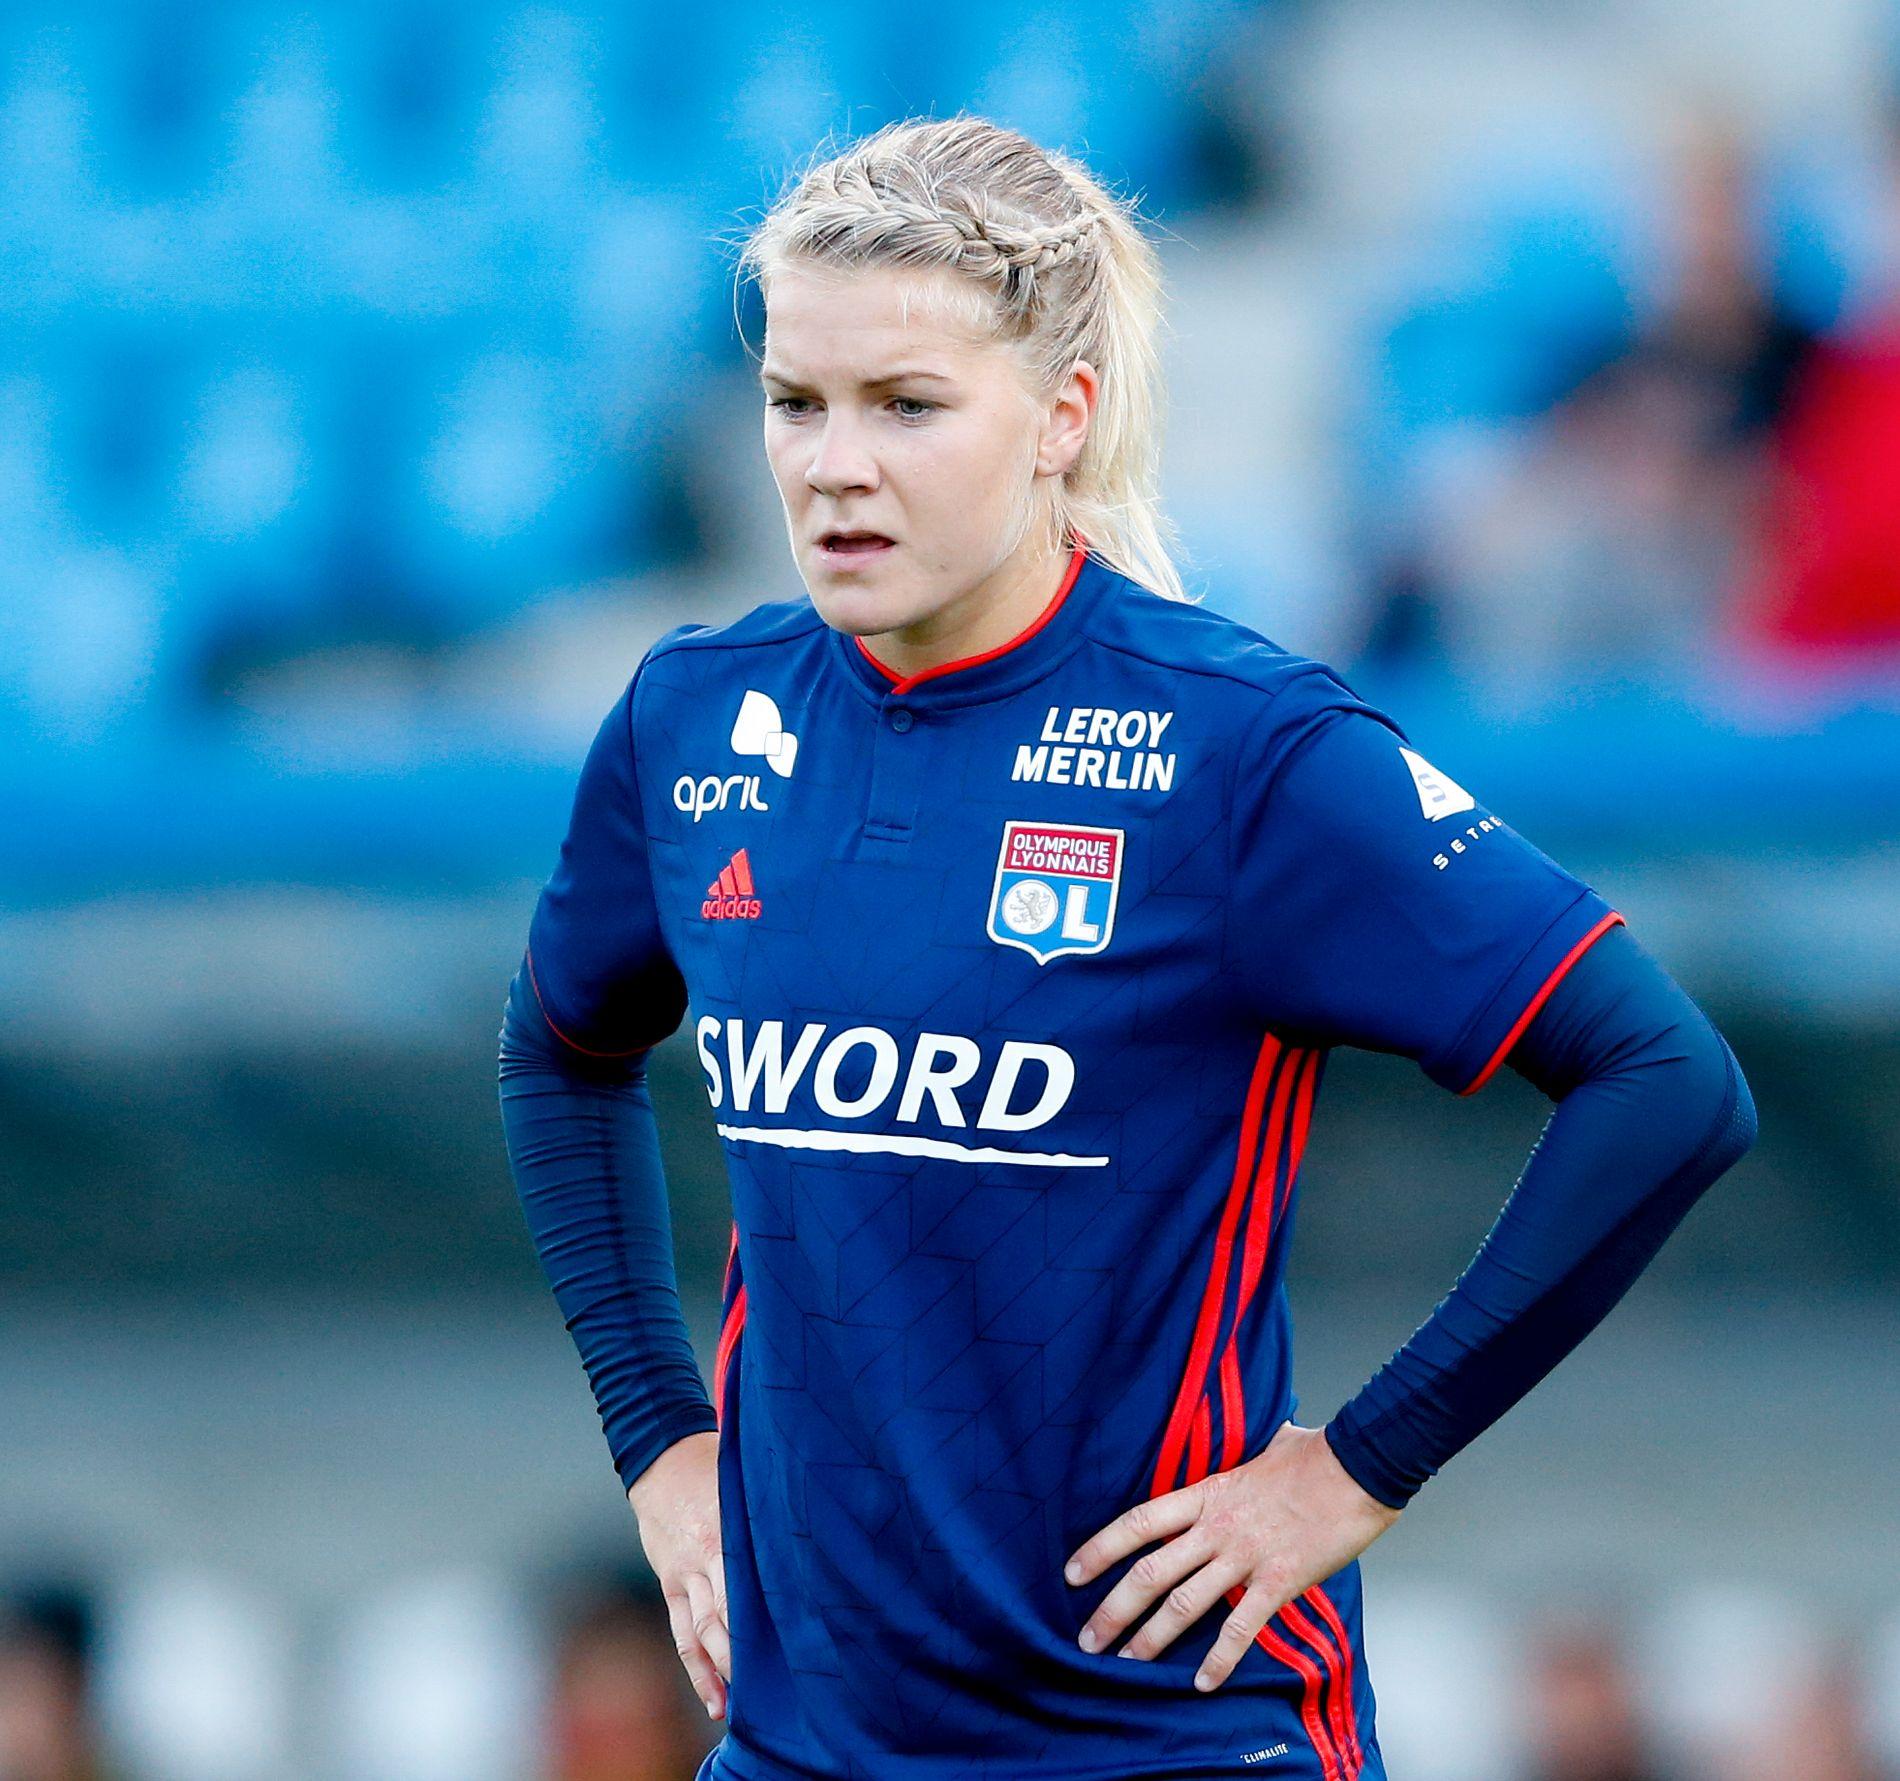 MÅLLØS: Ada Hegerberg var tidligere denne uken i Norge for å spille mot Avaldsnes. Der ble hun tatt godt i mot, men det ble ikke mål. Det ble det heller ikke i søndagens seriekamp.